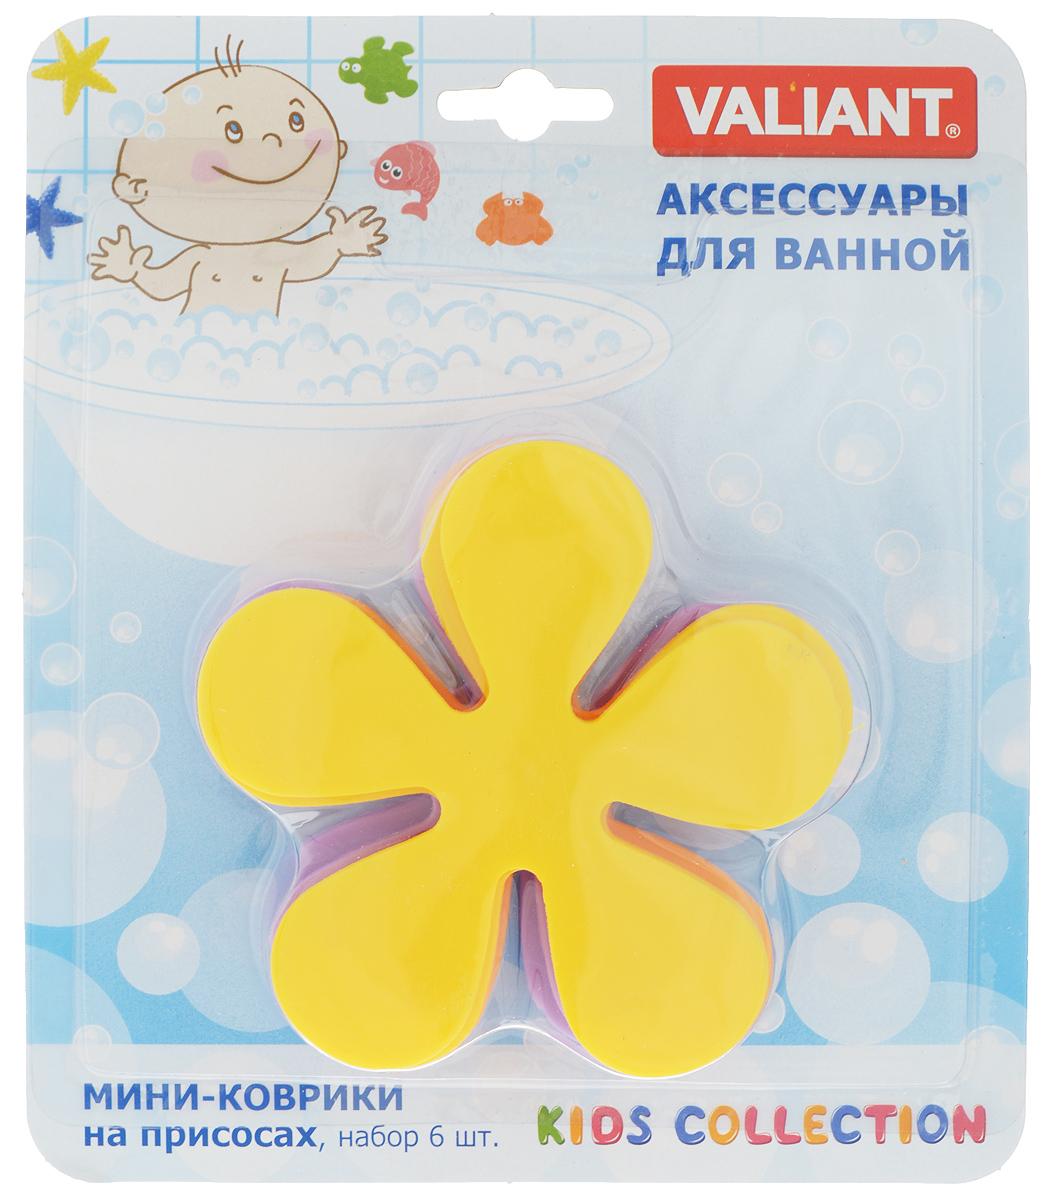 Набор мини-ковриков для ванной Valiant Цветок, на присосах, цвет: желтый, оранжевый, фиолетовый, 6 шт161Y_желтый, оранжевый, фиолетовыйНабор Valiant Цветок, выполненный из полимерных материалов высокого качества, состоит из 6 мини-ковриков в виде цветка. Мини-коврики - это модный и экономичный способ сделать вашу ванную комнату более уютной, красивой и безопасной. Изделия крепятся на любую поверхность с помощью вакуумных присосок. Вы сможете расположить их там, где вам необходимо яркое цветовое пятно и одновременно - надежная противоскользящая опора. Такие мини-коврики незаменимы при купании маленького ребенка, он не поскользнется и не упадет, держась за мягкую и приятную на ощупь рифленую поверхность изделия.Размер мини-коврика: 10,5 х 10,5 см.Количество: 6 шт.